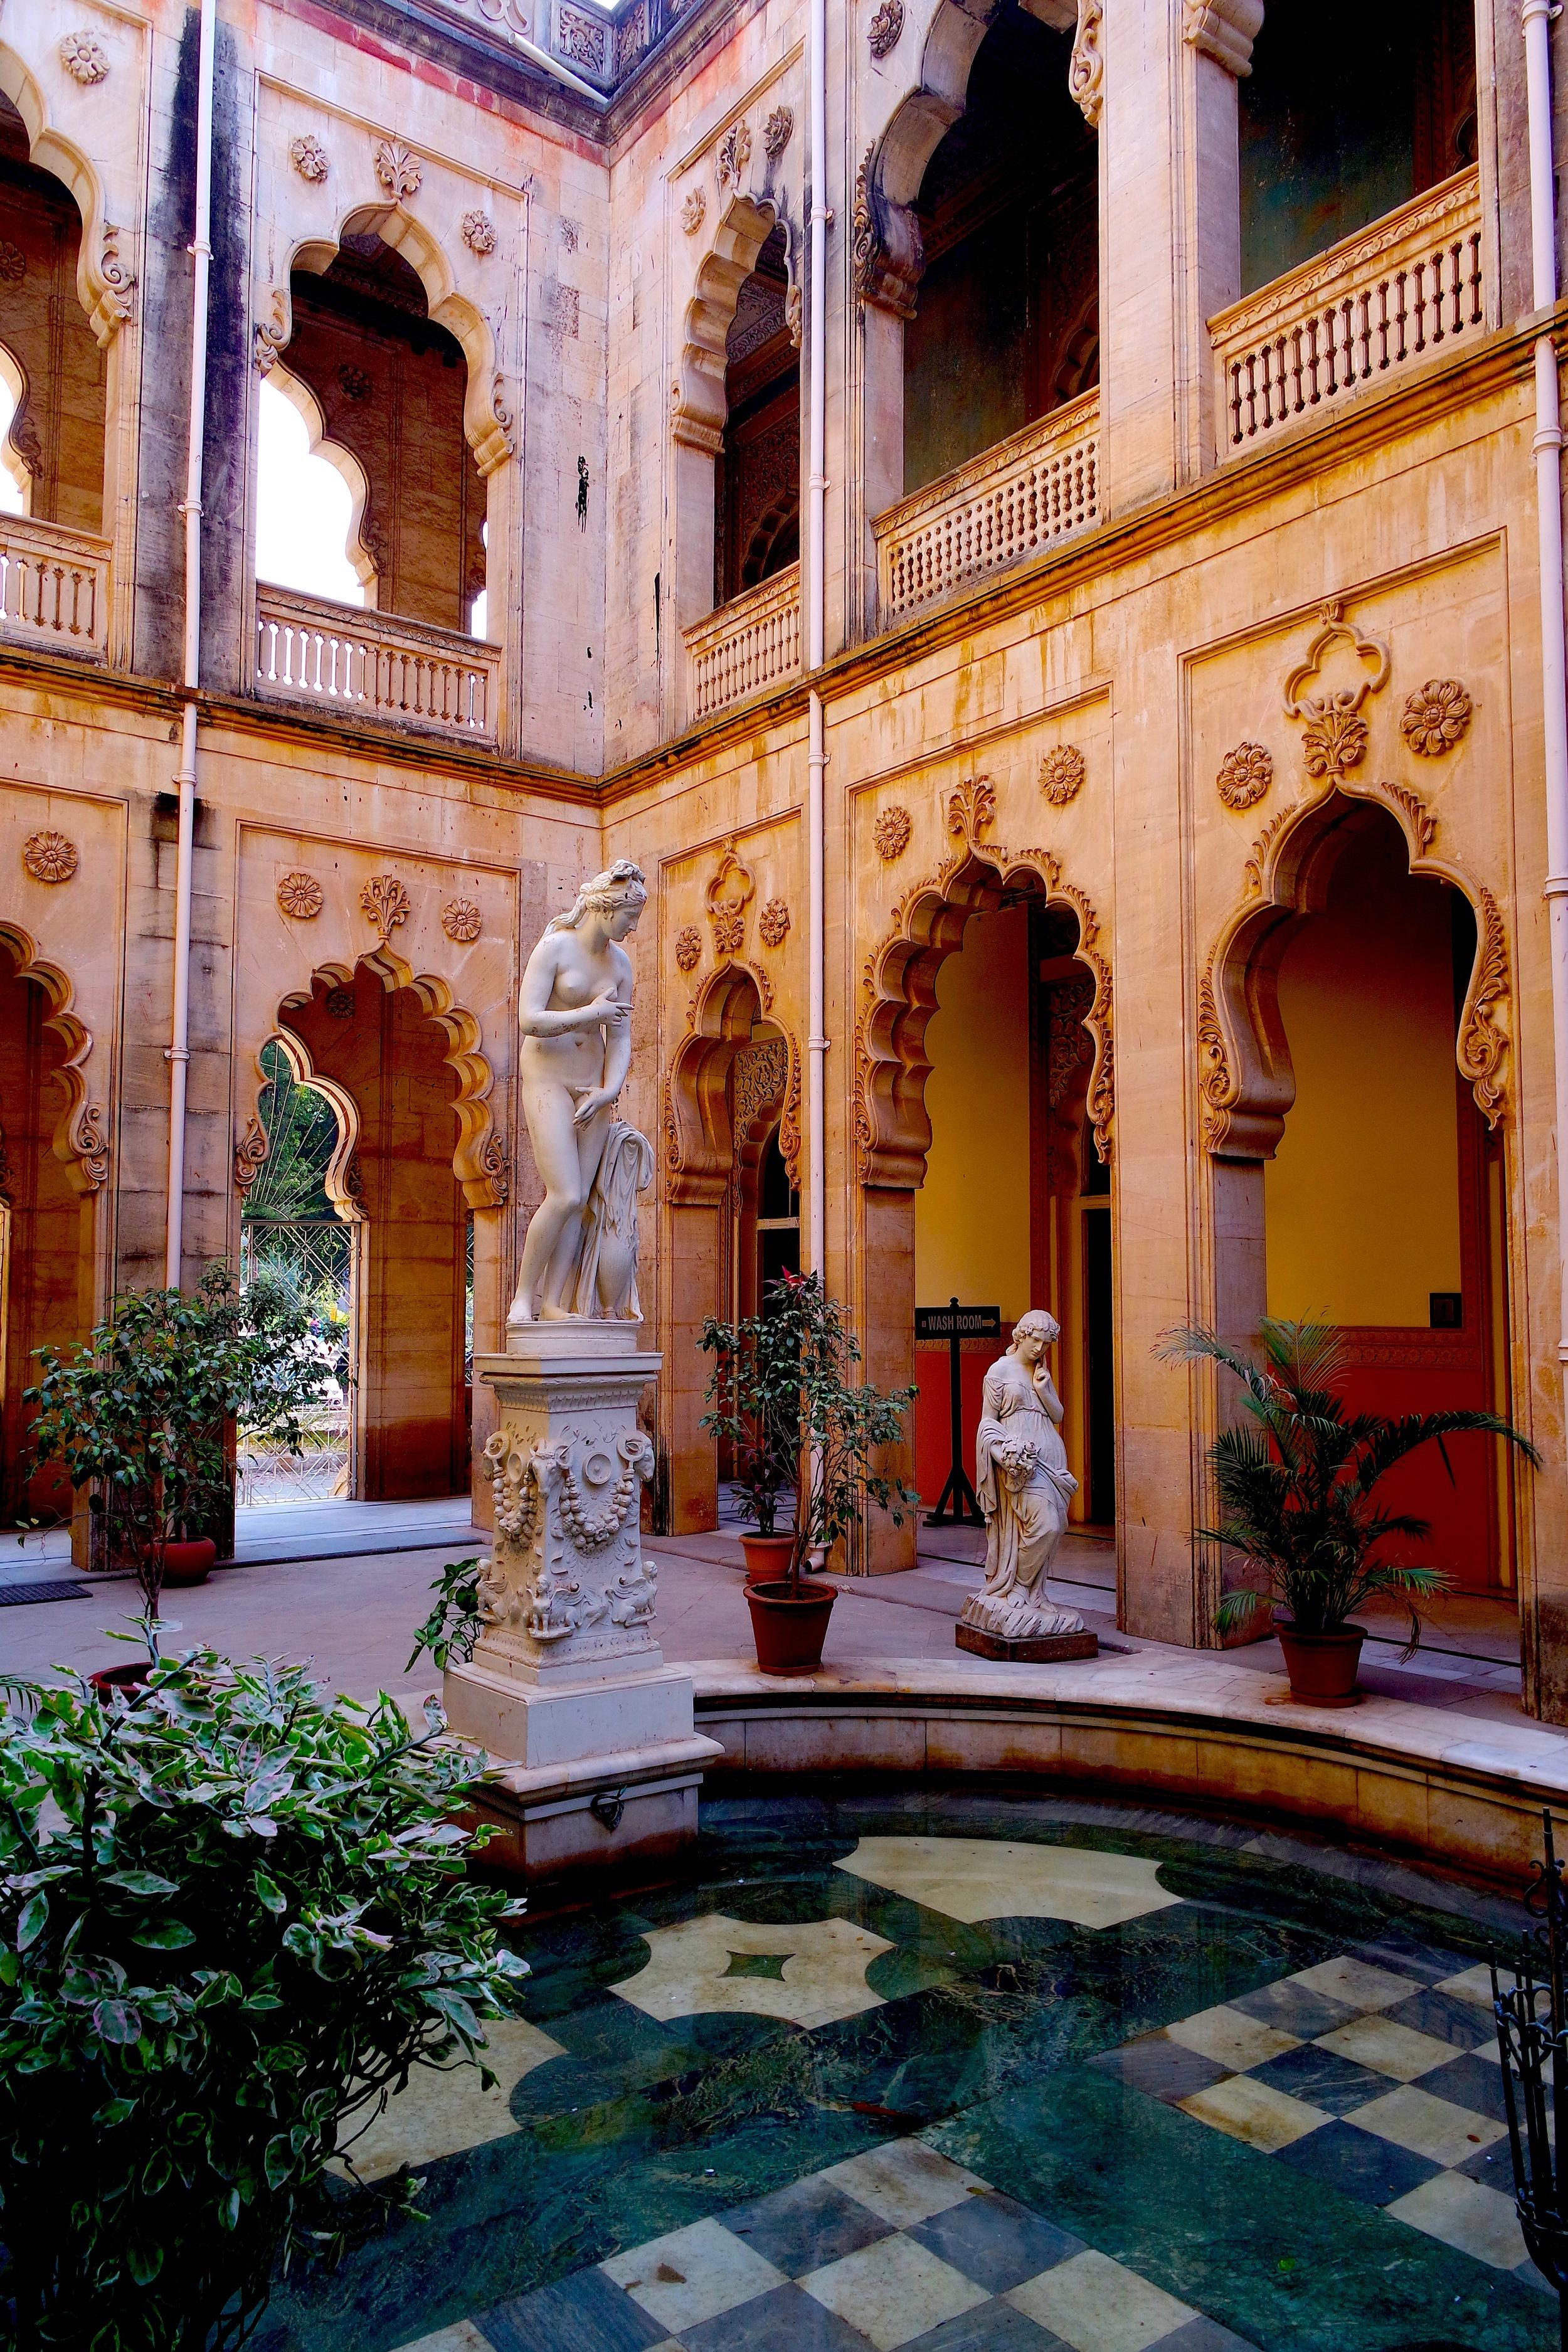 Gorgeous interior courtyard at Laxmi Vilas Palace in Vadodara, India